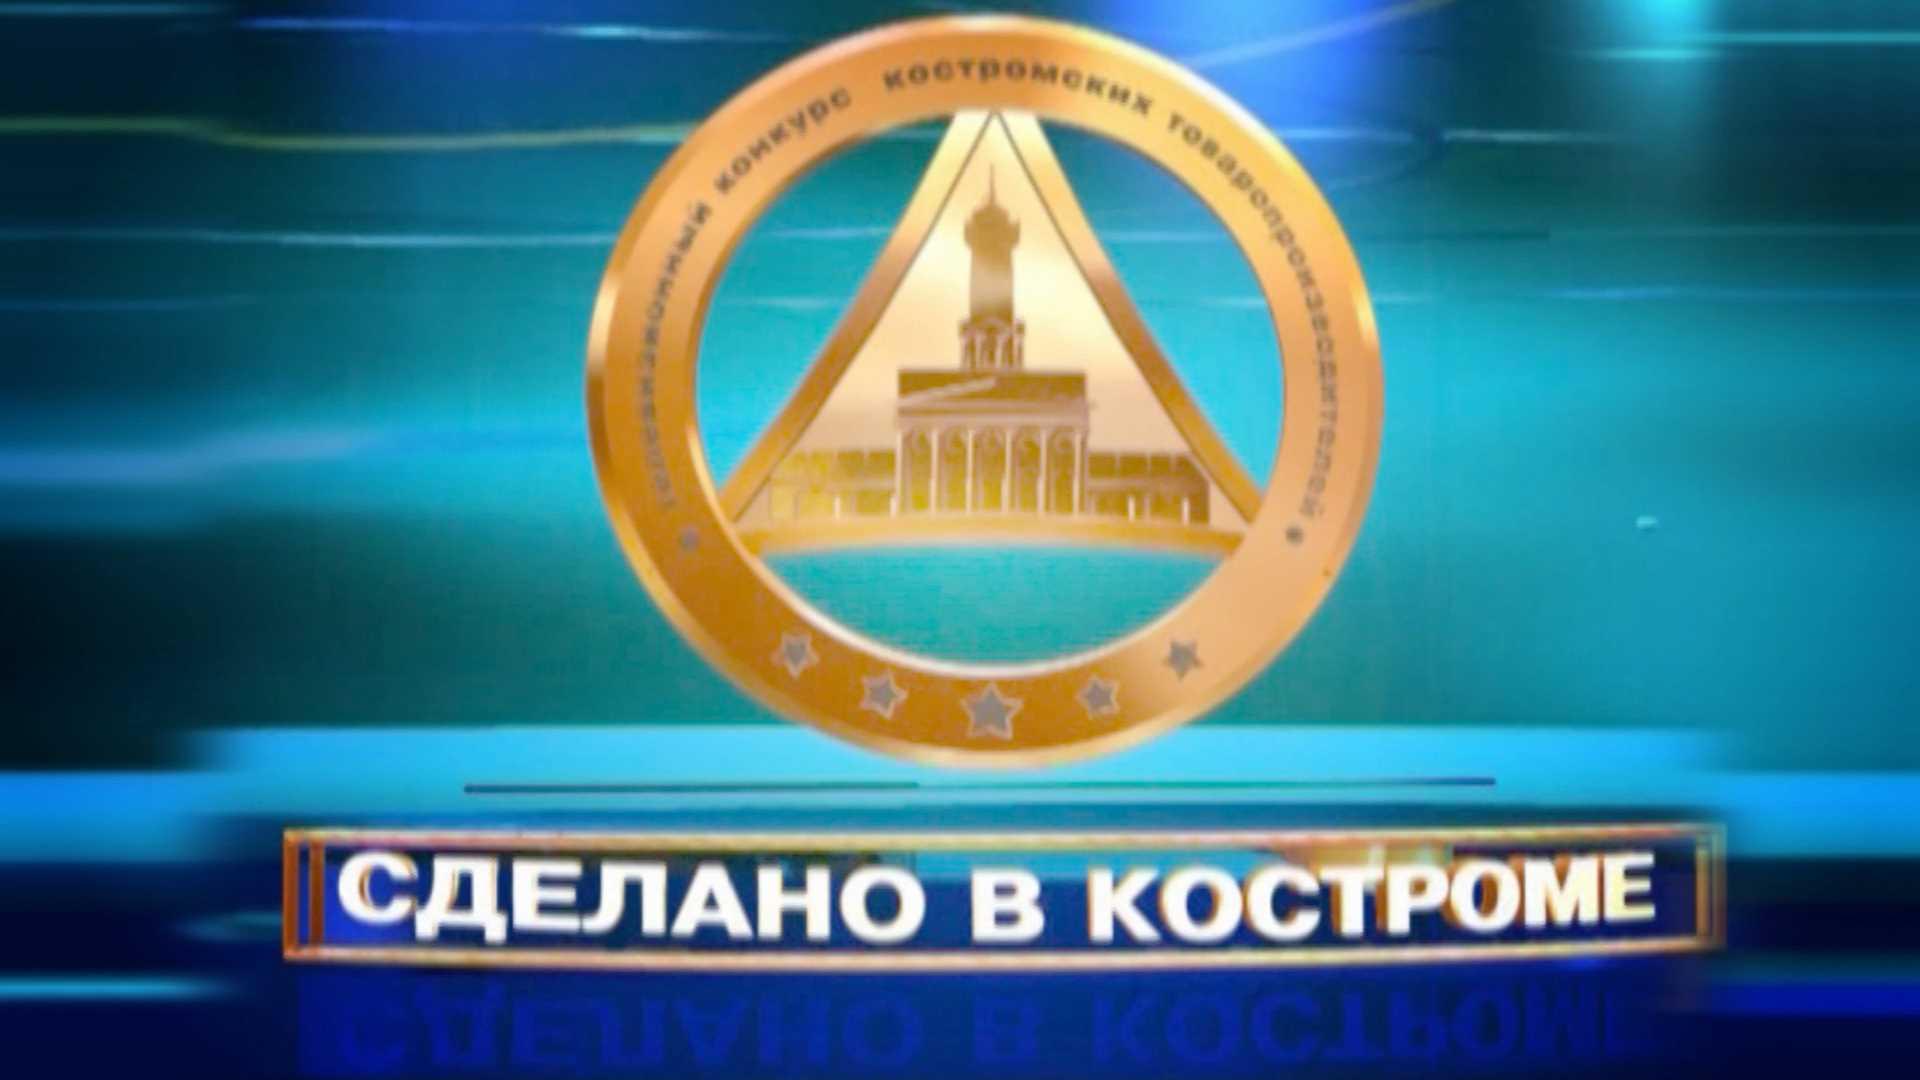 час назад                                                                                                                                                                                                                                                                                               Стартовал новый сезон телепроекта «Сделано в Костроме»                                                                За те 16 лет, что его проводит ГТРК «Кострома», в проекте приняли участие более 100 предприятий области.